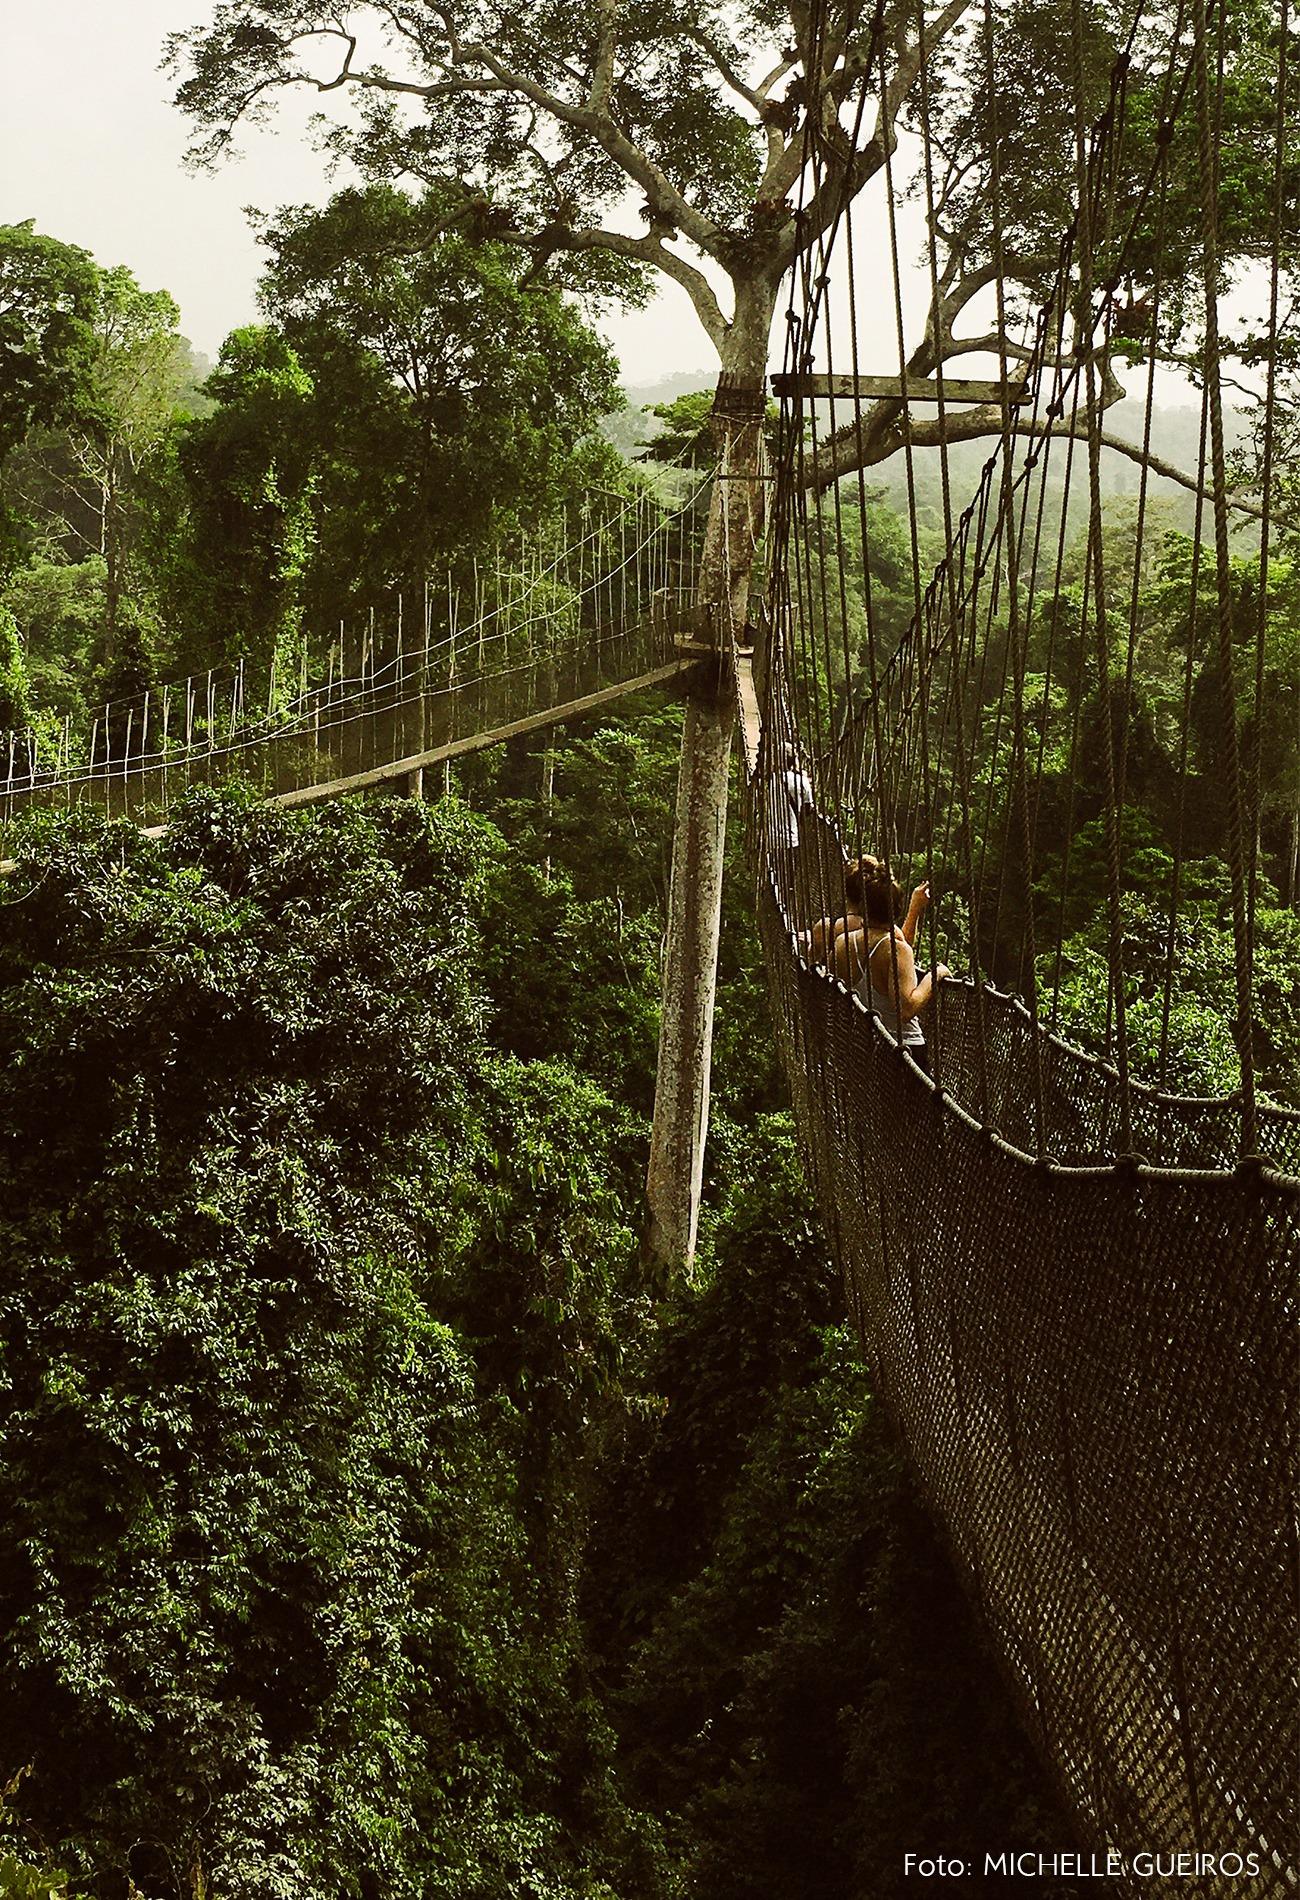 Gana viagem arvorismo ponte natureza